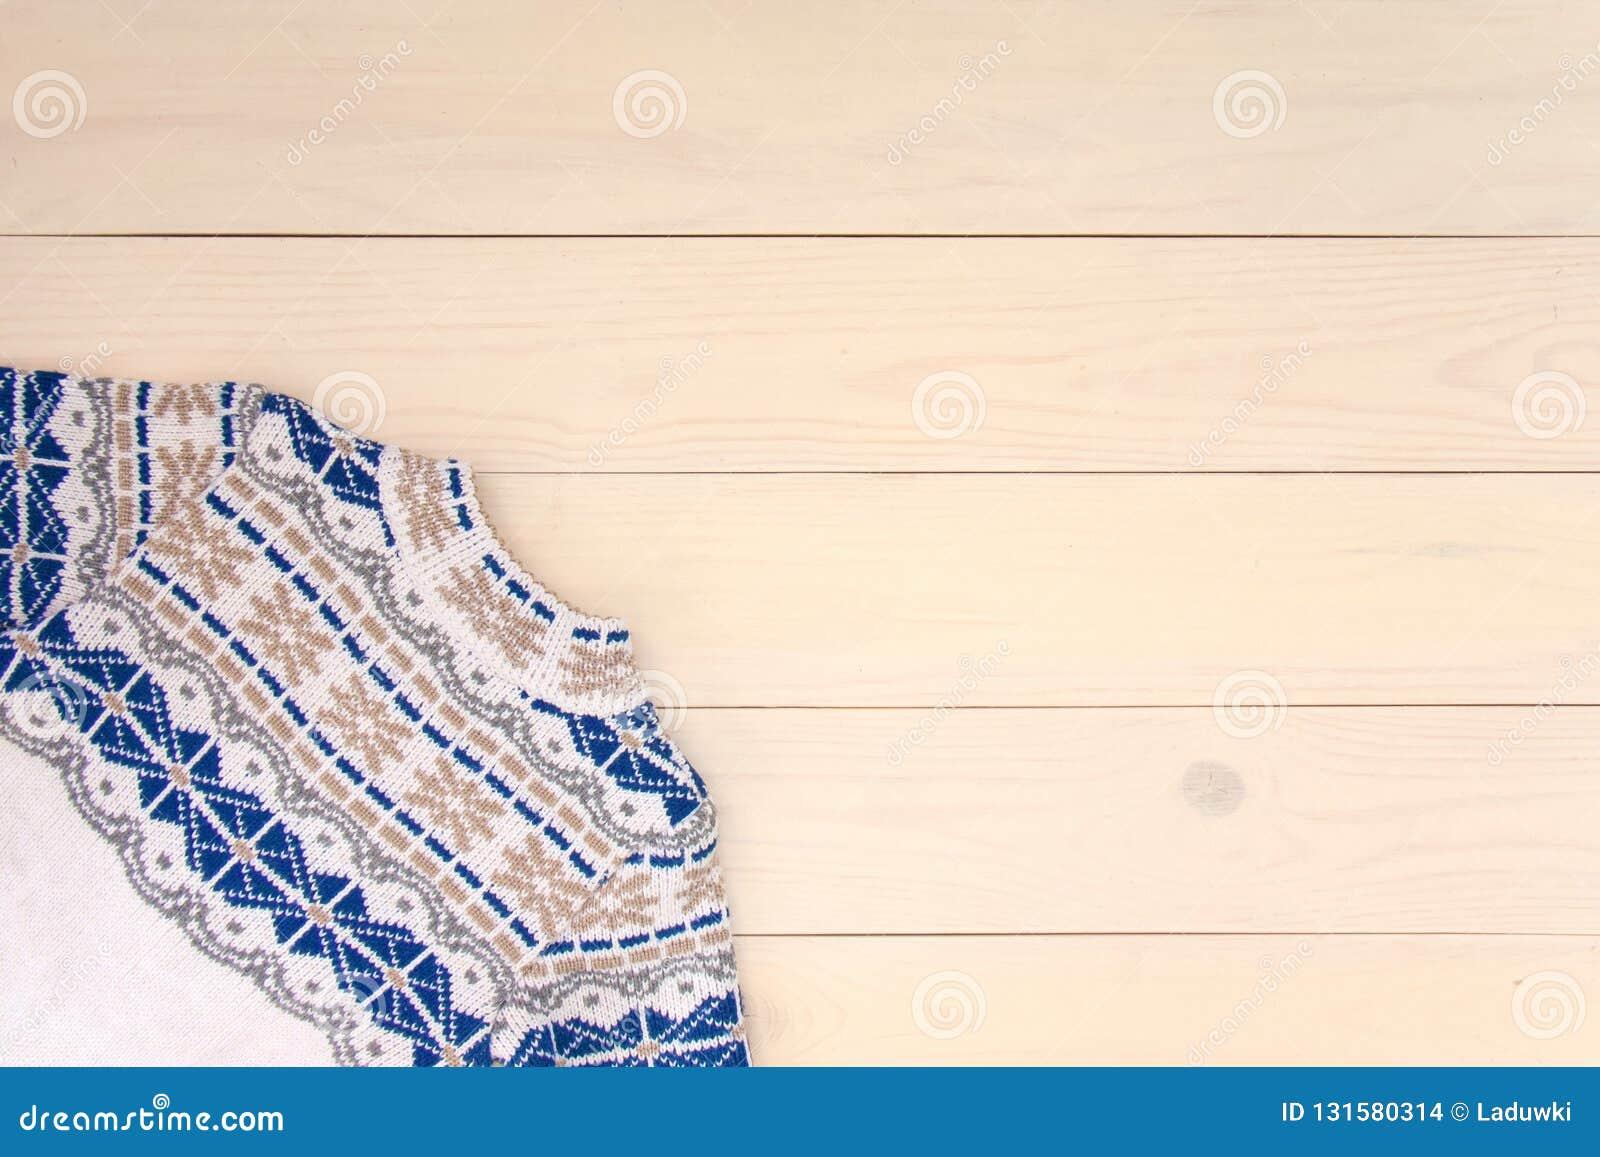 De houten achtergrond van de Kerstmisdecoratie met gebreide wolsweater met jacquardornament in witte blauw en beige Kaartconcept